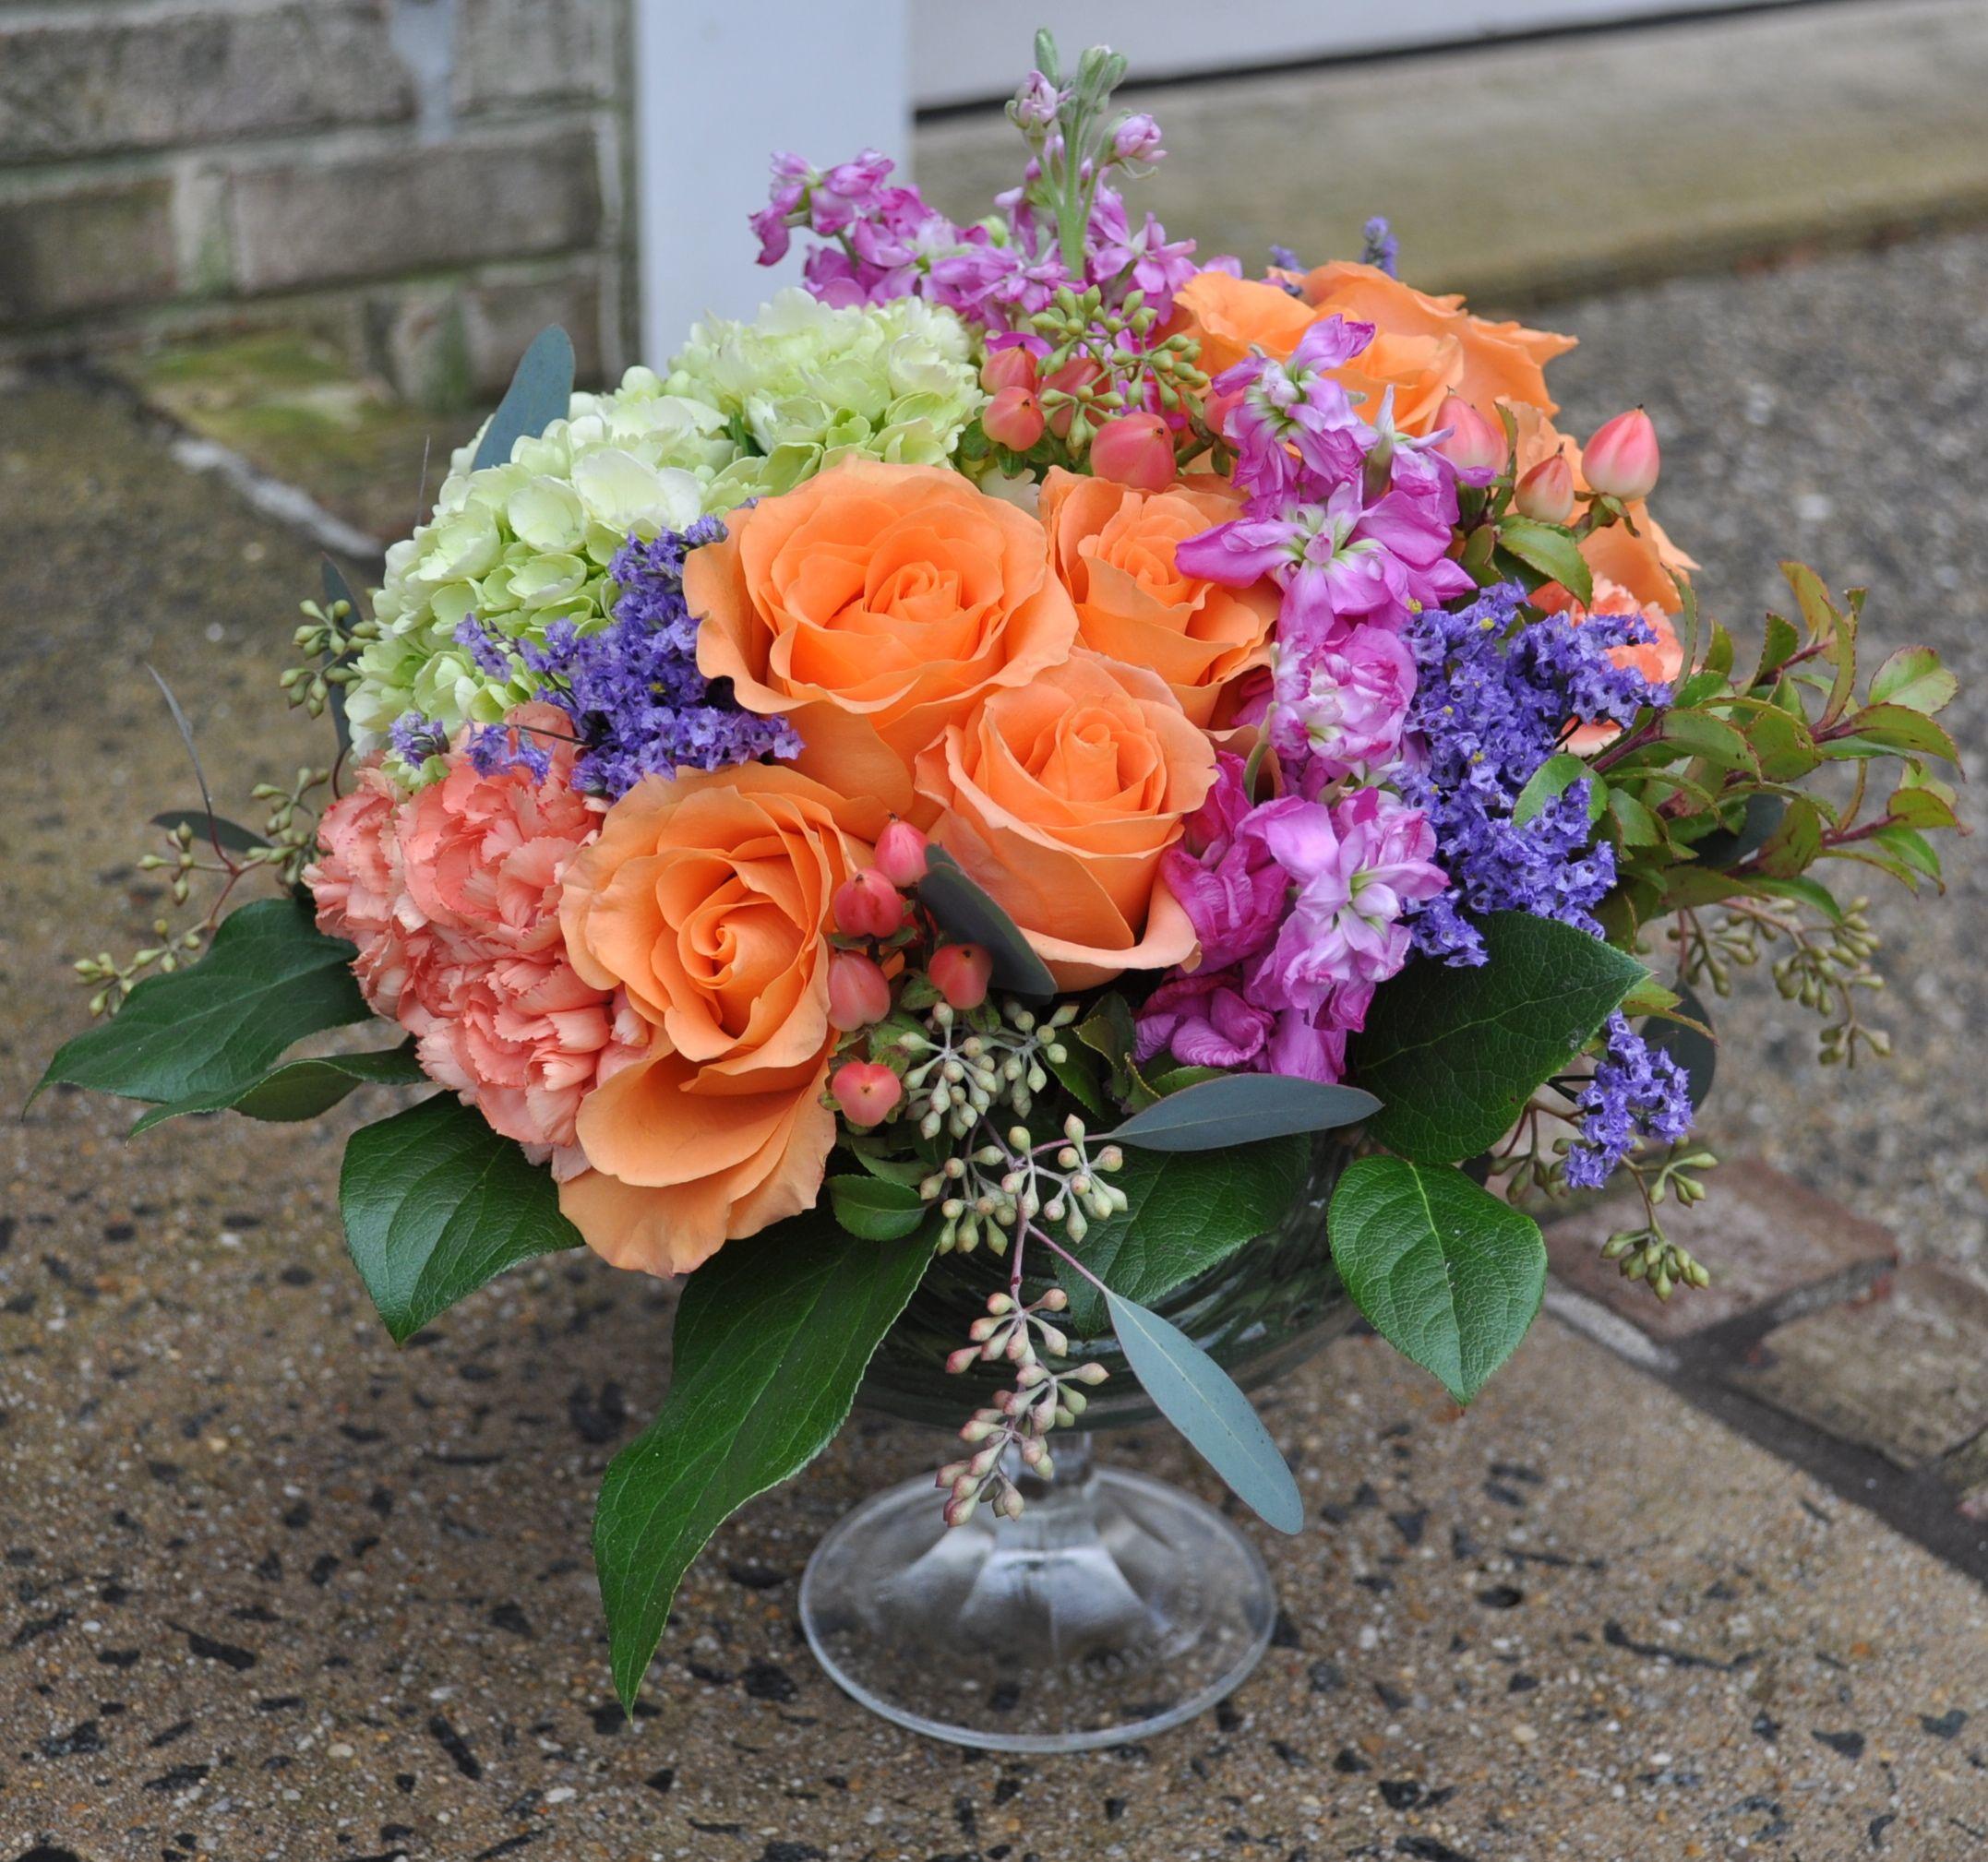 30th birthday flower arrangement in bright colors and various 30th birthday flower arrangement in bright colors and various textures izmirmasajfo